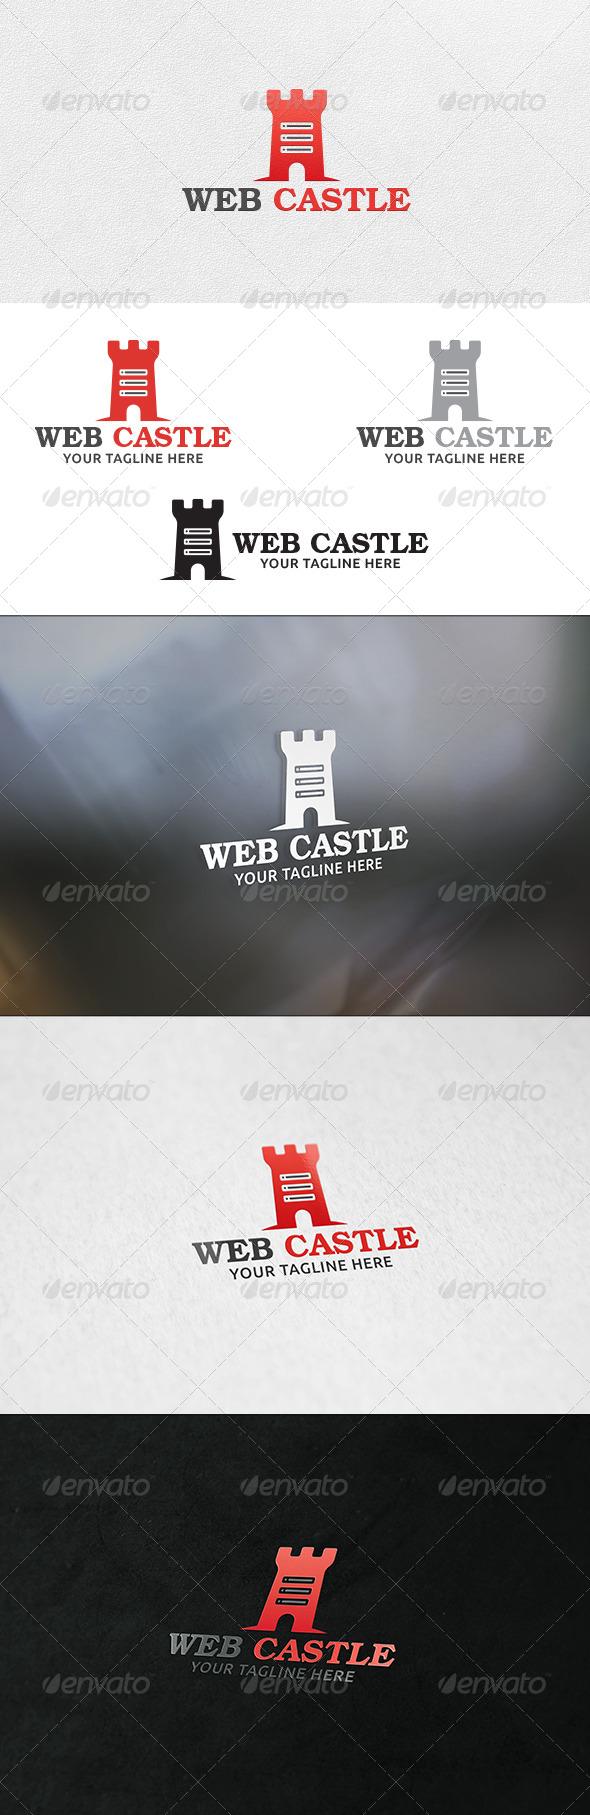 GraphicRiver Web Castle Logo Template 6790000